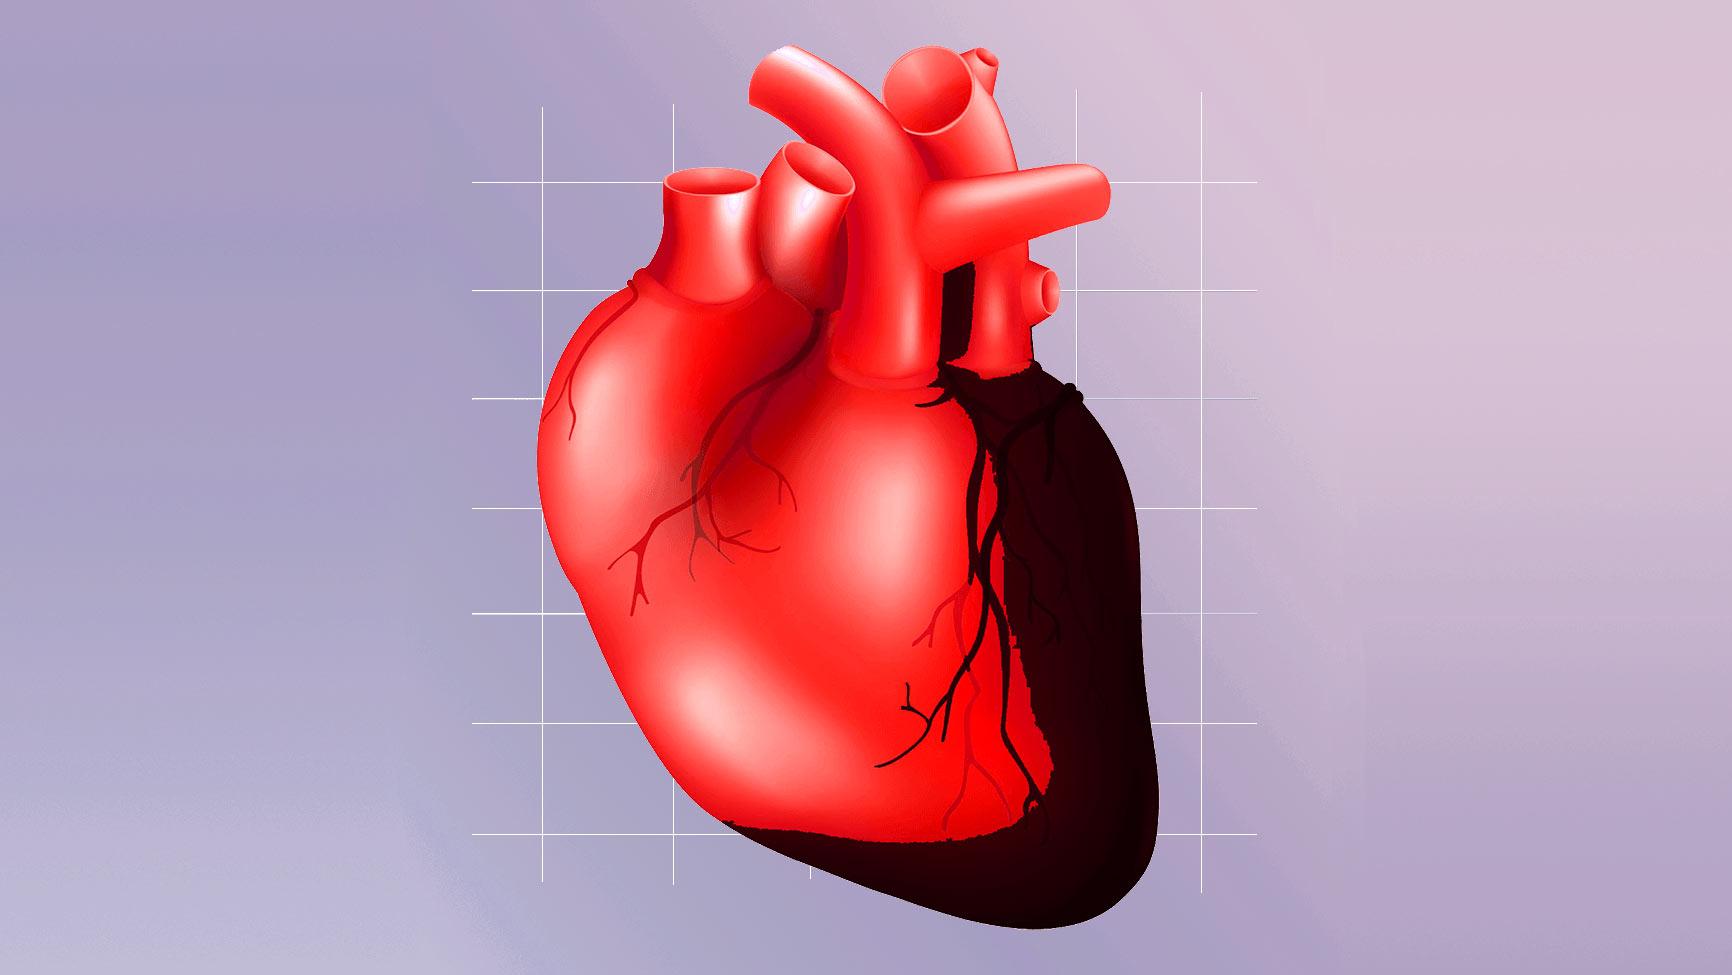 Обширный инфаркт - массовое поражение тканей сердца